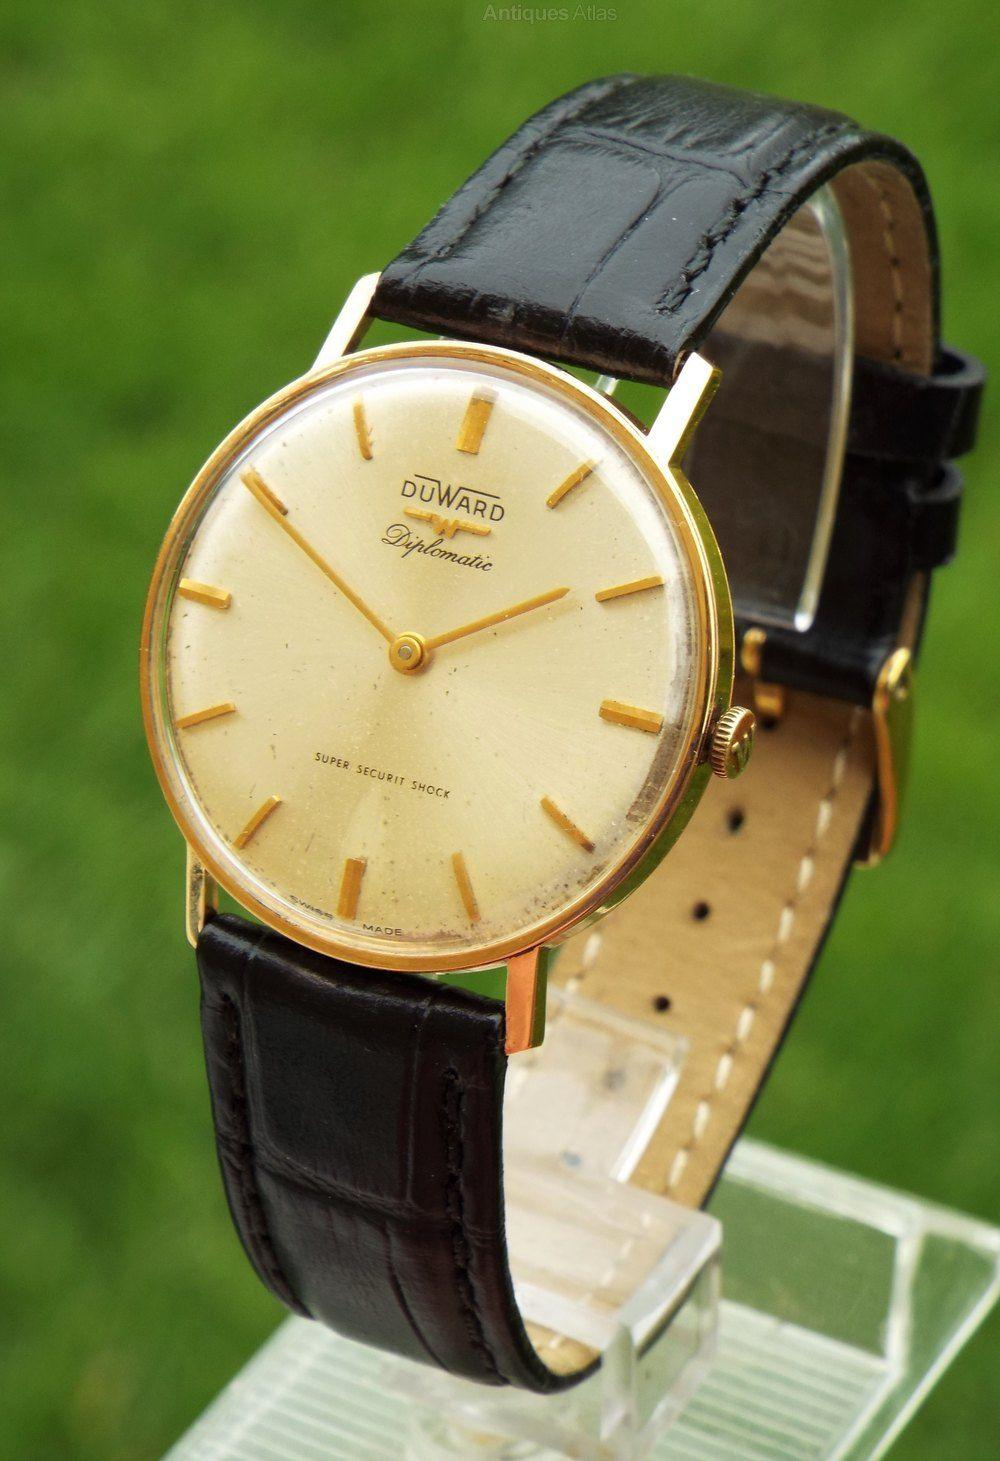 52efd41f0ca Antiques Atlas - Gents 18ct Gold DuWard Diplomatic Wrist Watch Relógios De  Senhor